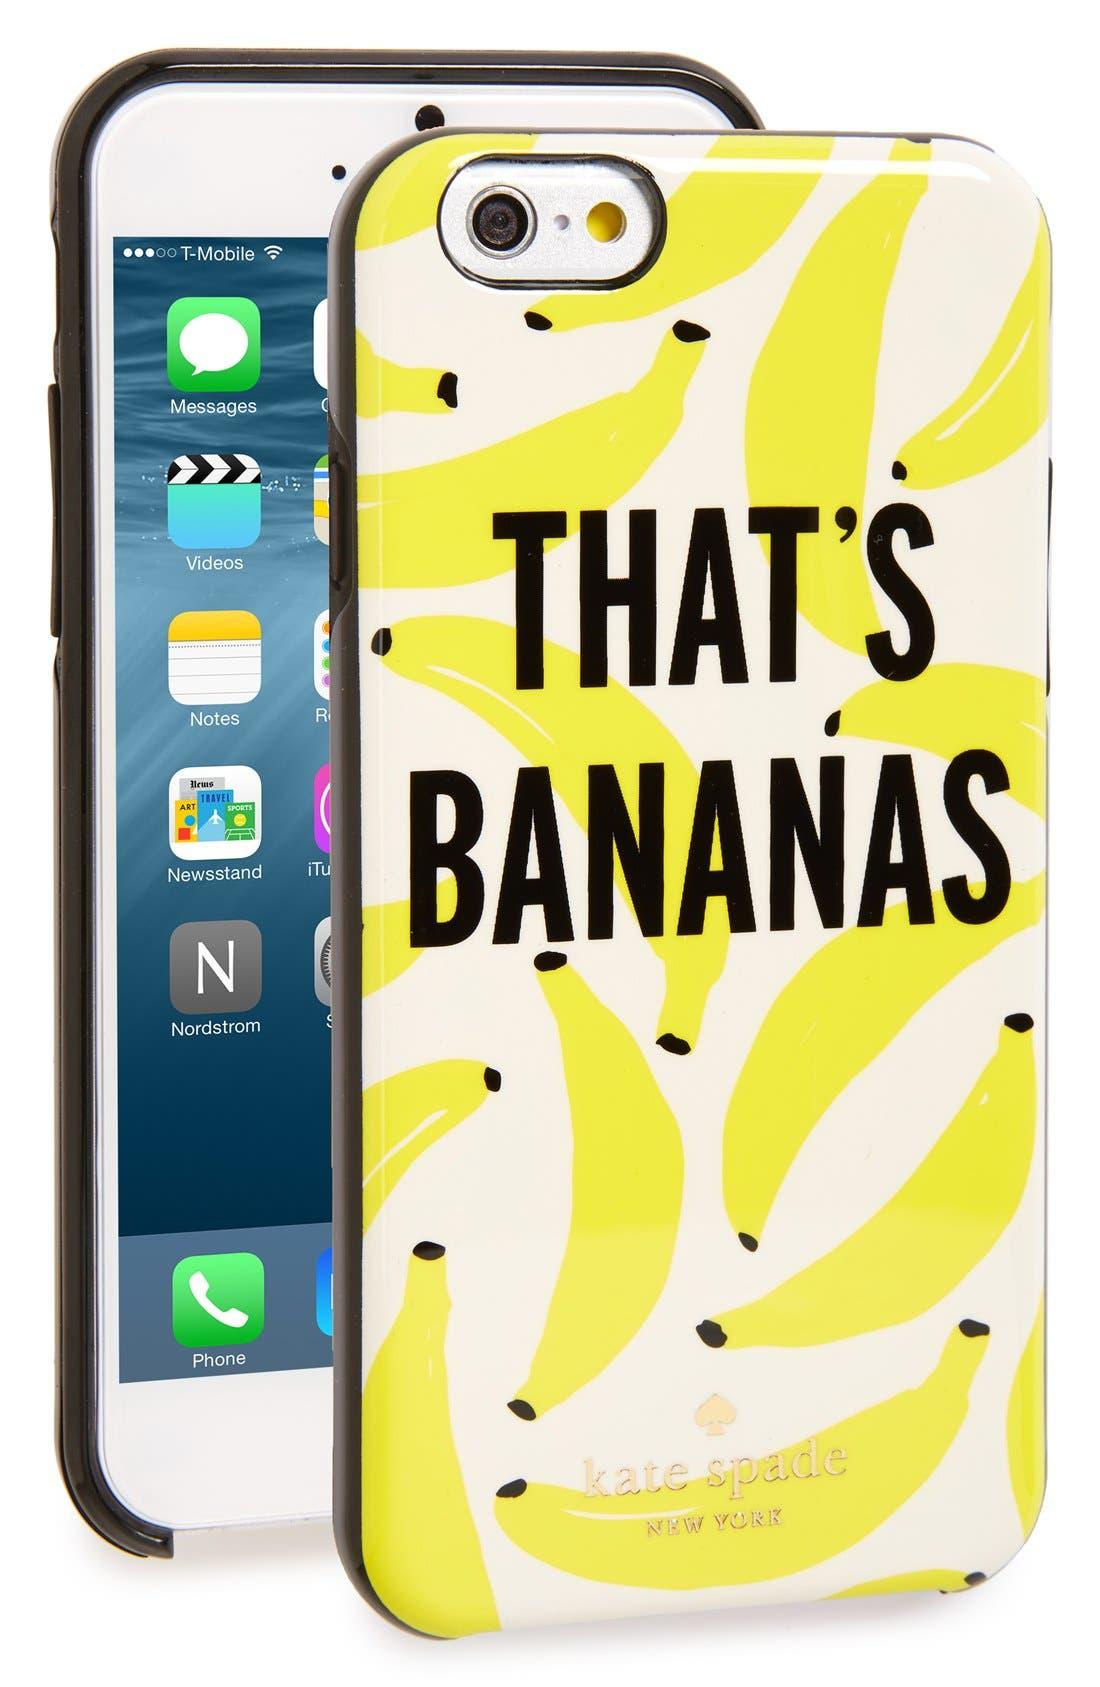 Kate Spade New York Des Thats Bananes Iphone 6 Cas En Jaune Bon Prix De Vente Pas Cher Pré Commande Pas Cher En Ligne z86Pqi29WA